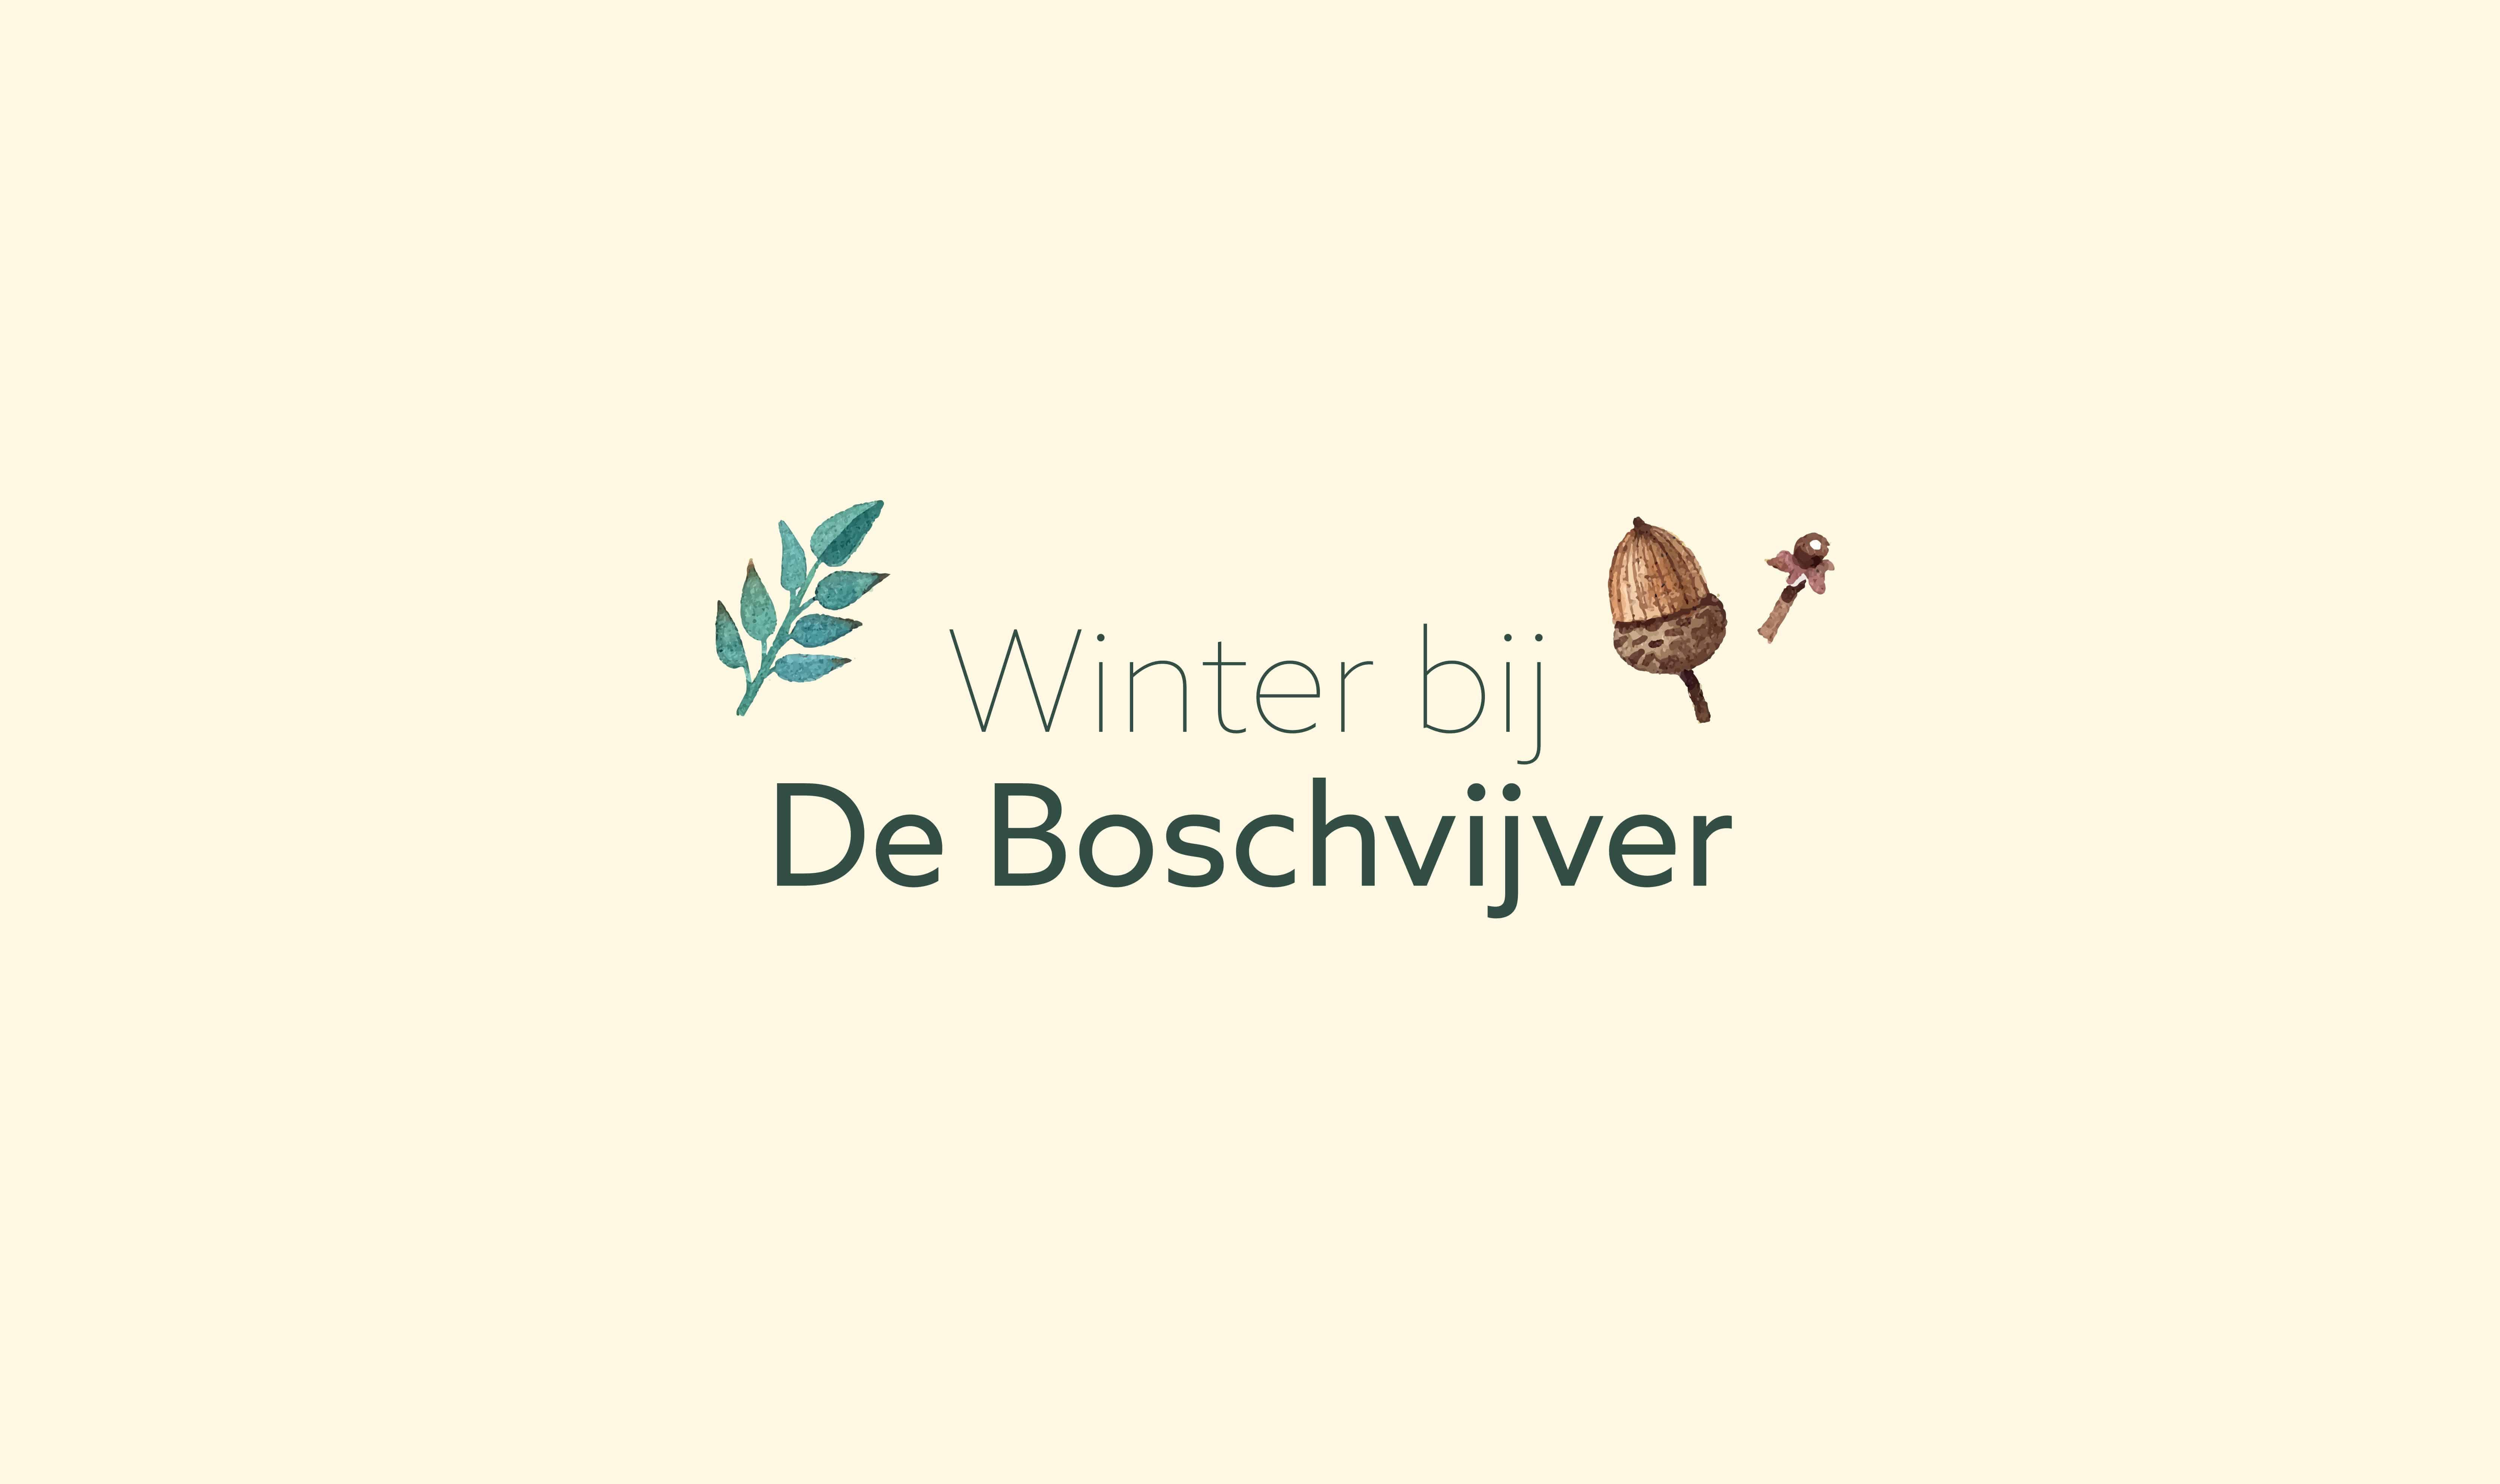 De Boschvijver